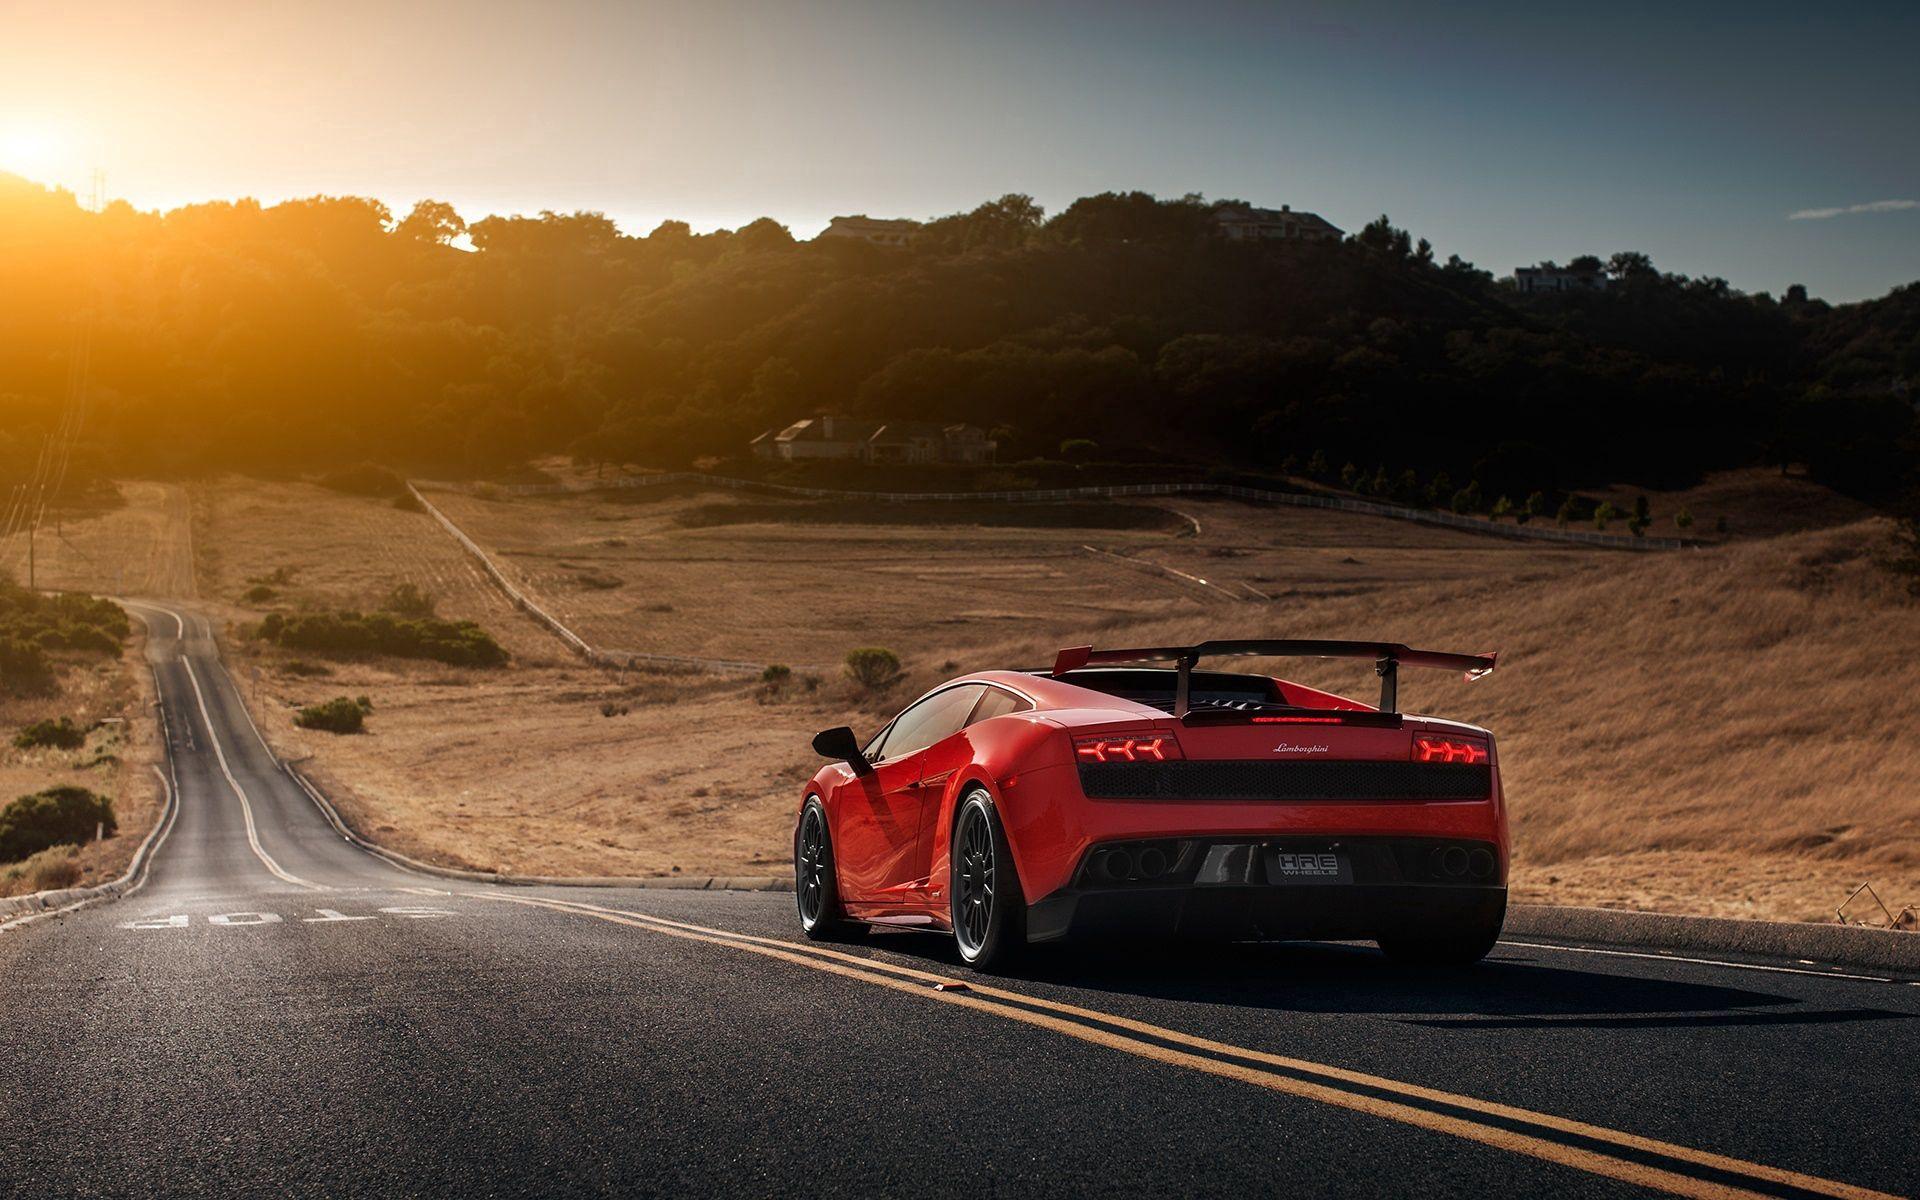 95537 Hintergrundbild herunterladen Lamborghini, Cars, Supersportwagen, Gallardo, Lp570-4, Super Trofeo - Bildschirmschoner und Bilder kostenlos